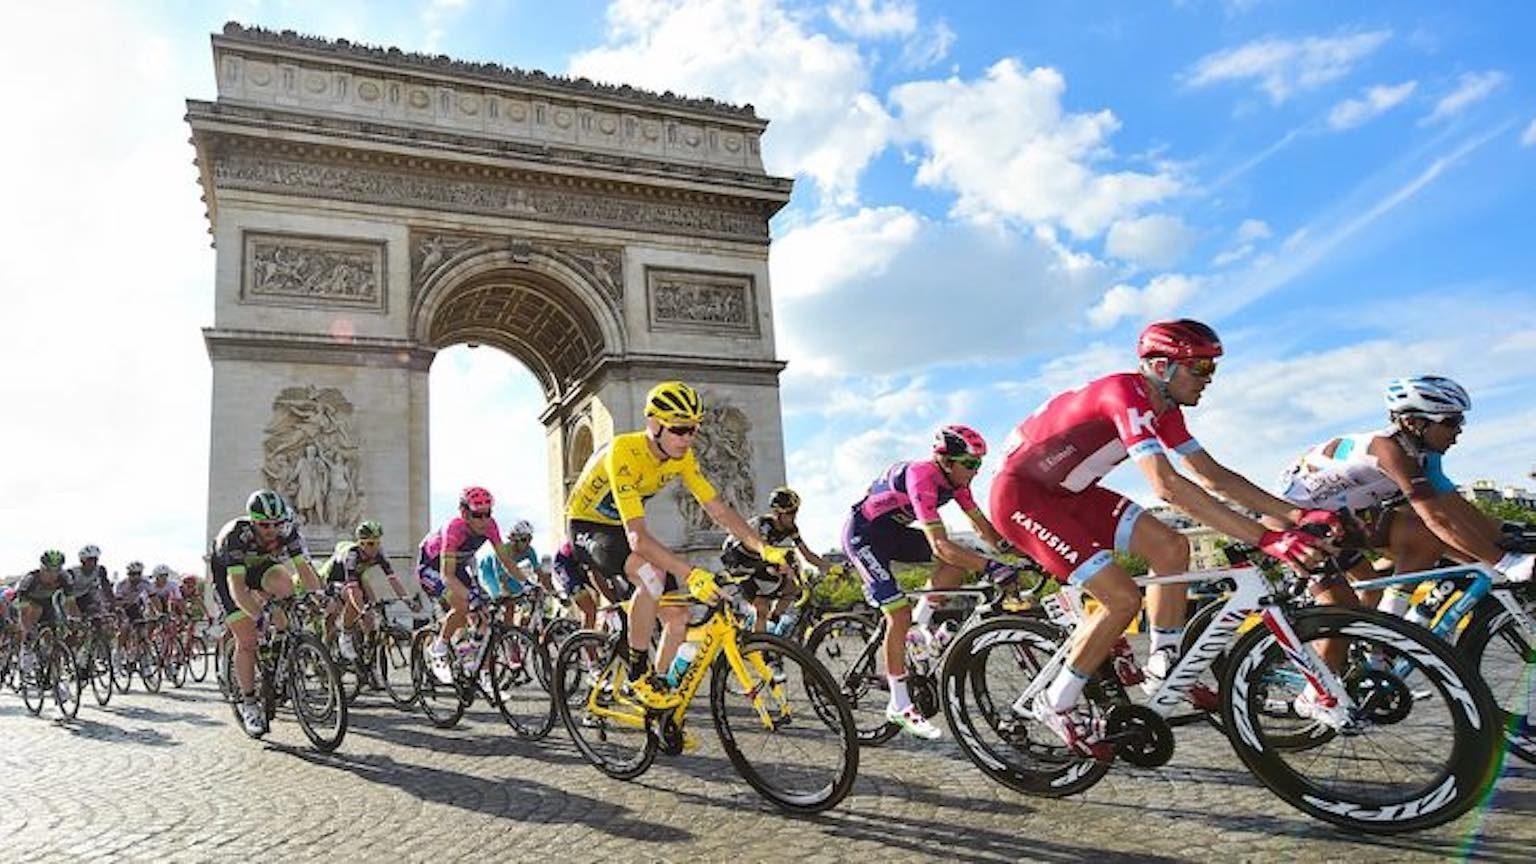 Tour de France riders.